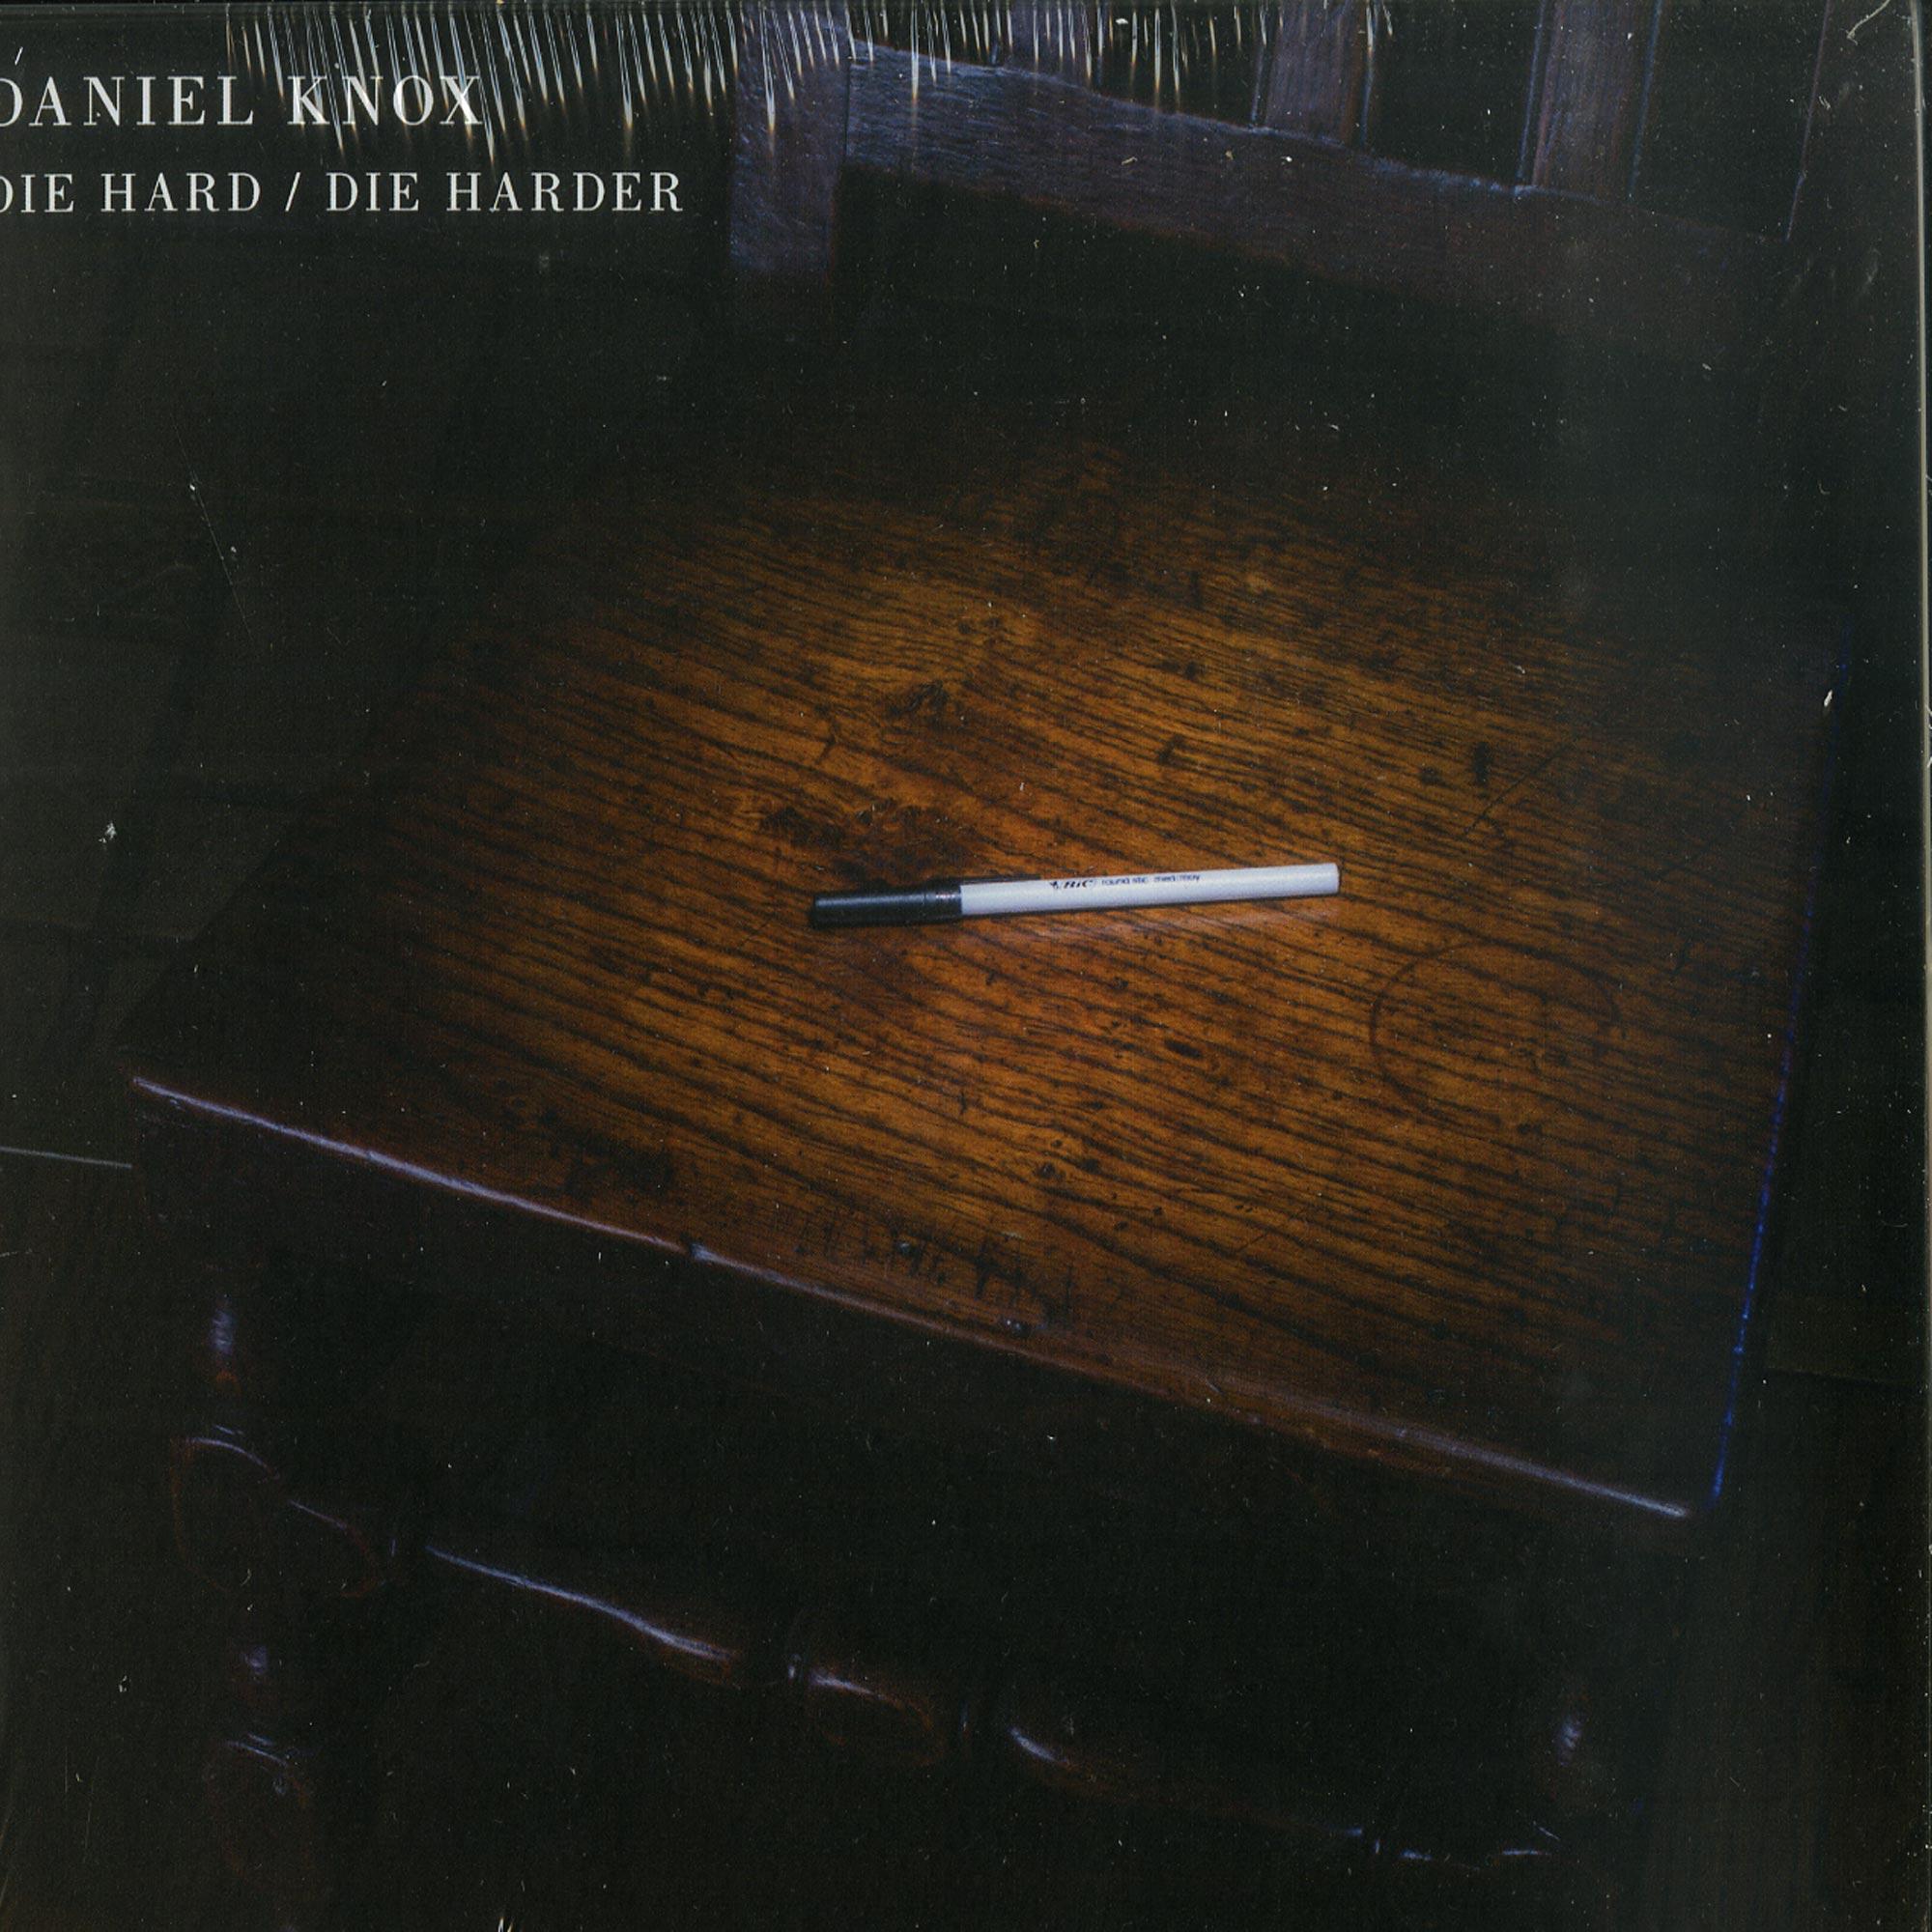 Daniel Knox - DIE HARD / DIE HARDER